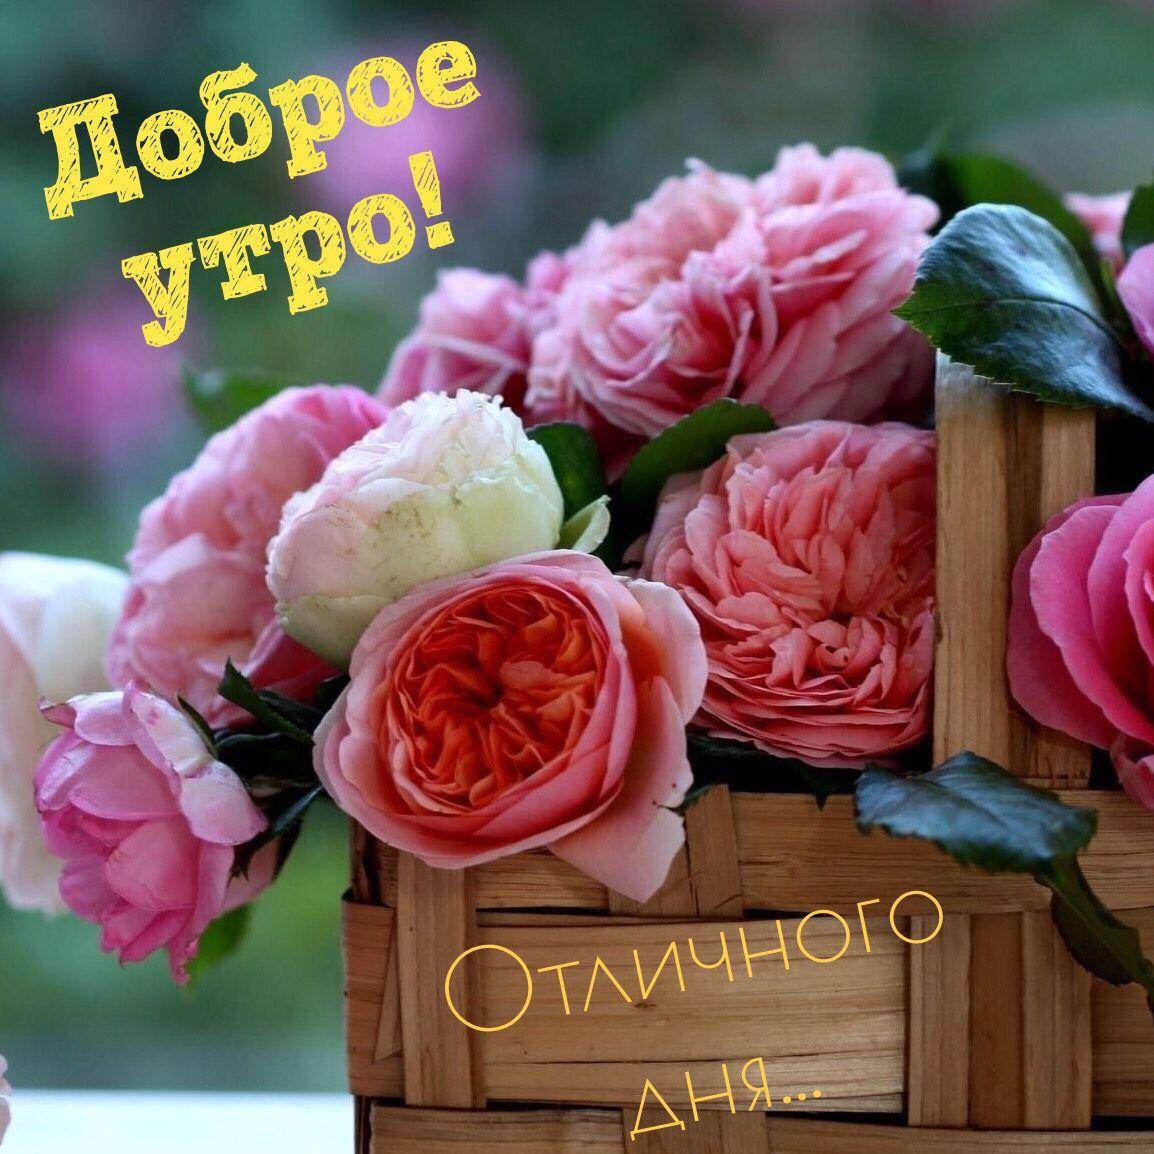 Цветы картинка и пожелание доброго утра